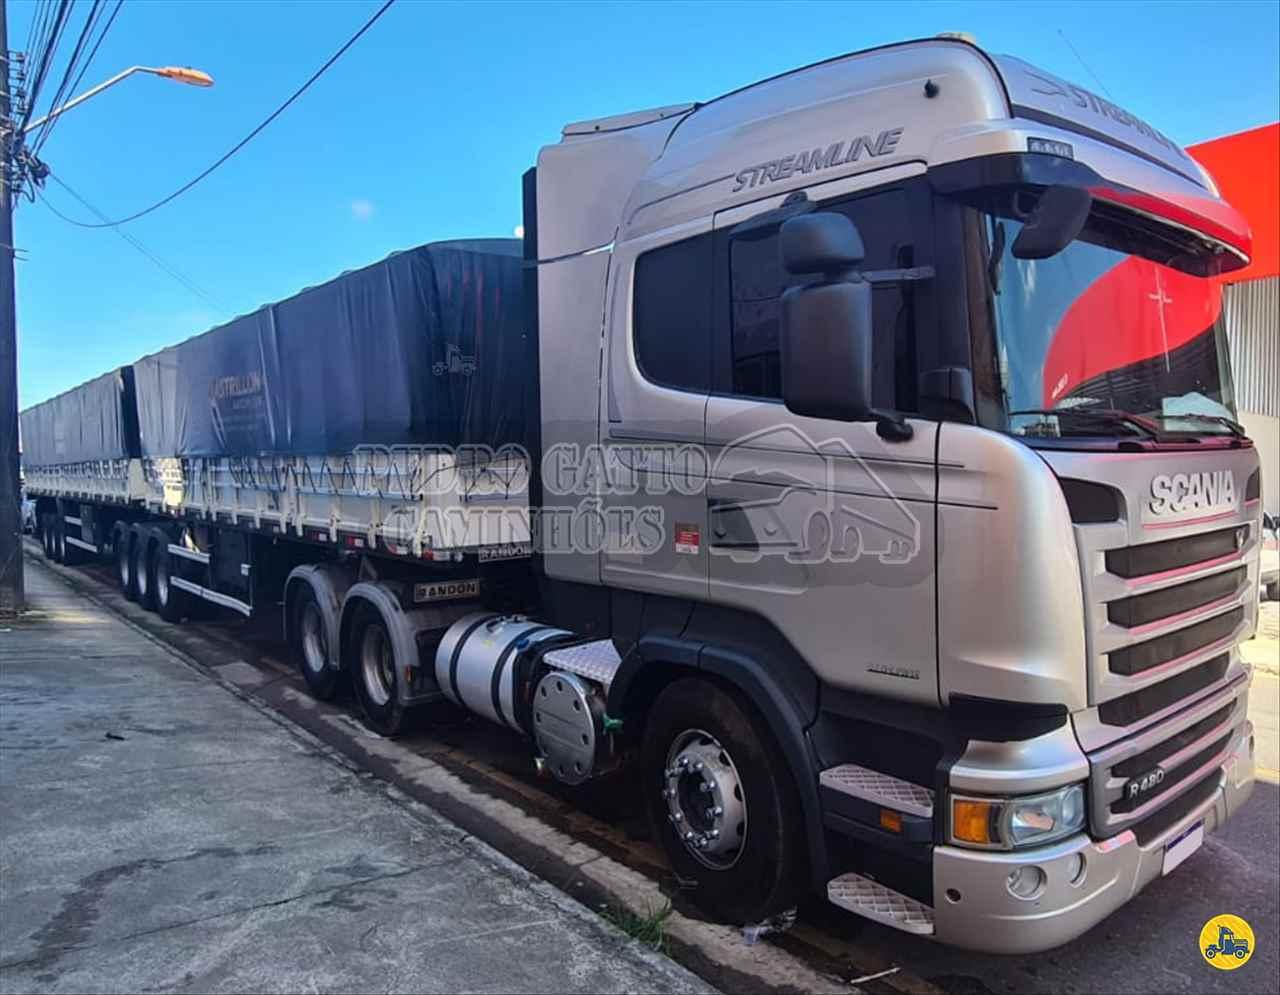 CAMINHAO SCANIA SCANIA 480 Cavalo Mecânico Traçado 6x4 Pedro Gatto Caminhões MARINGA PARANÁ PR